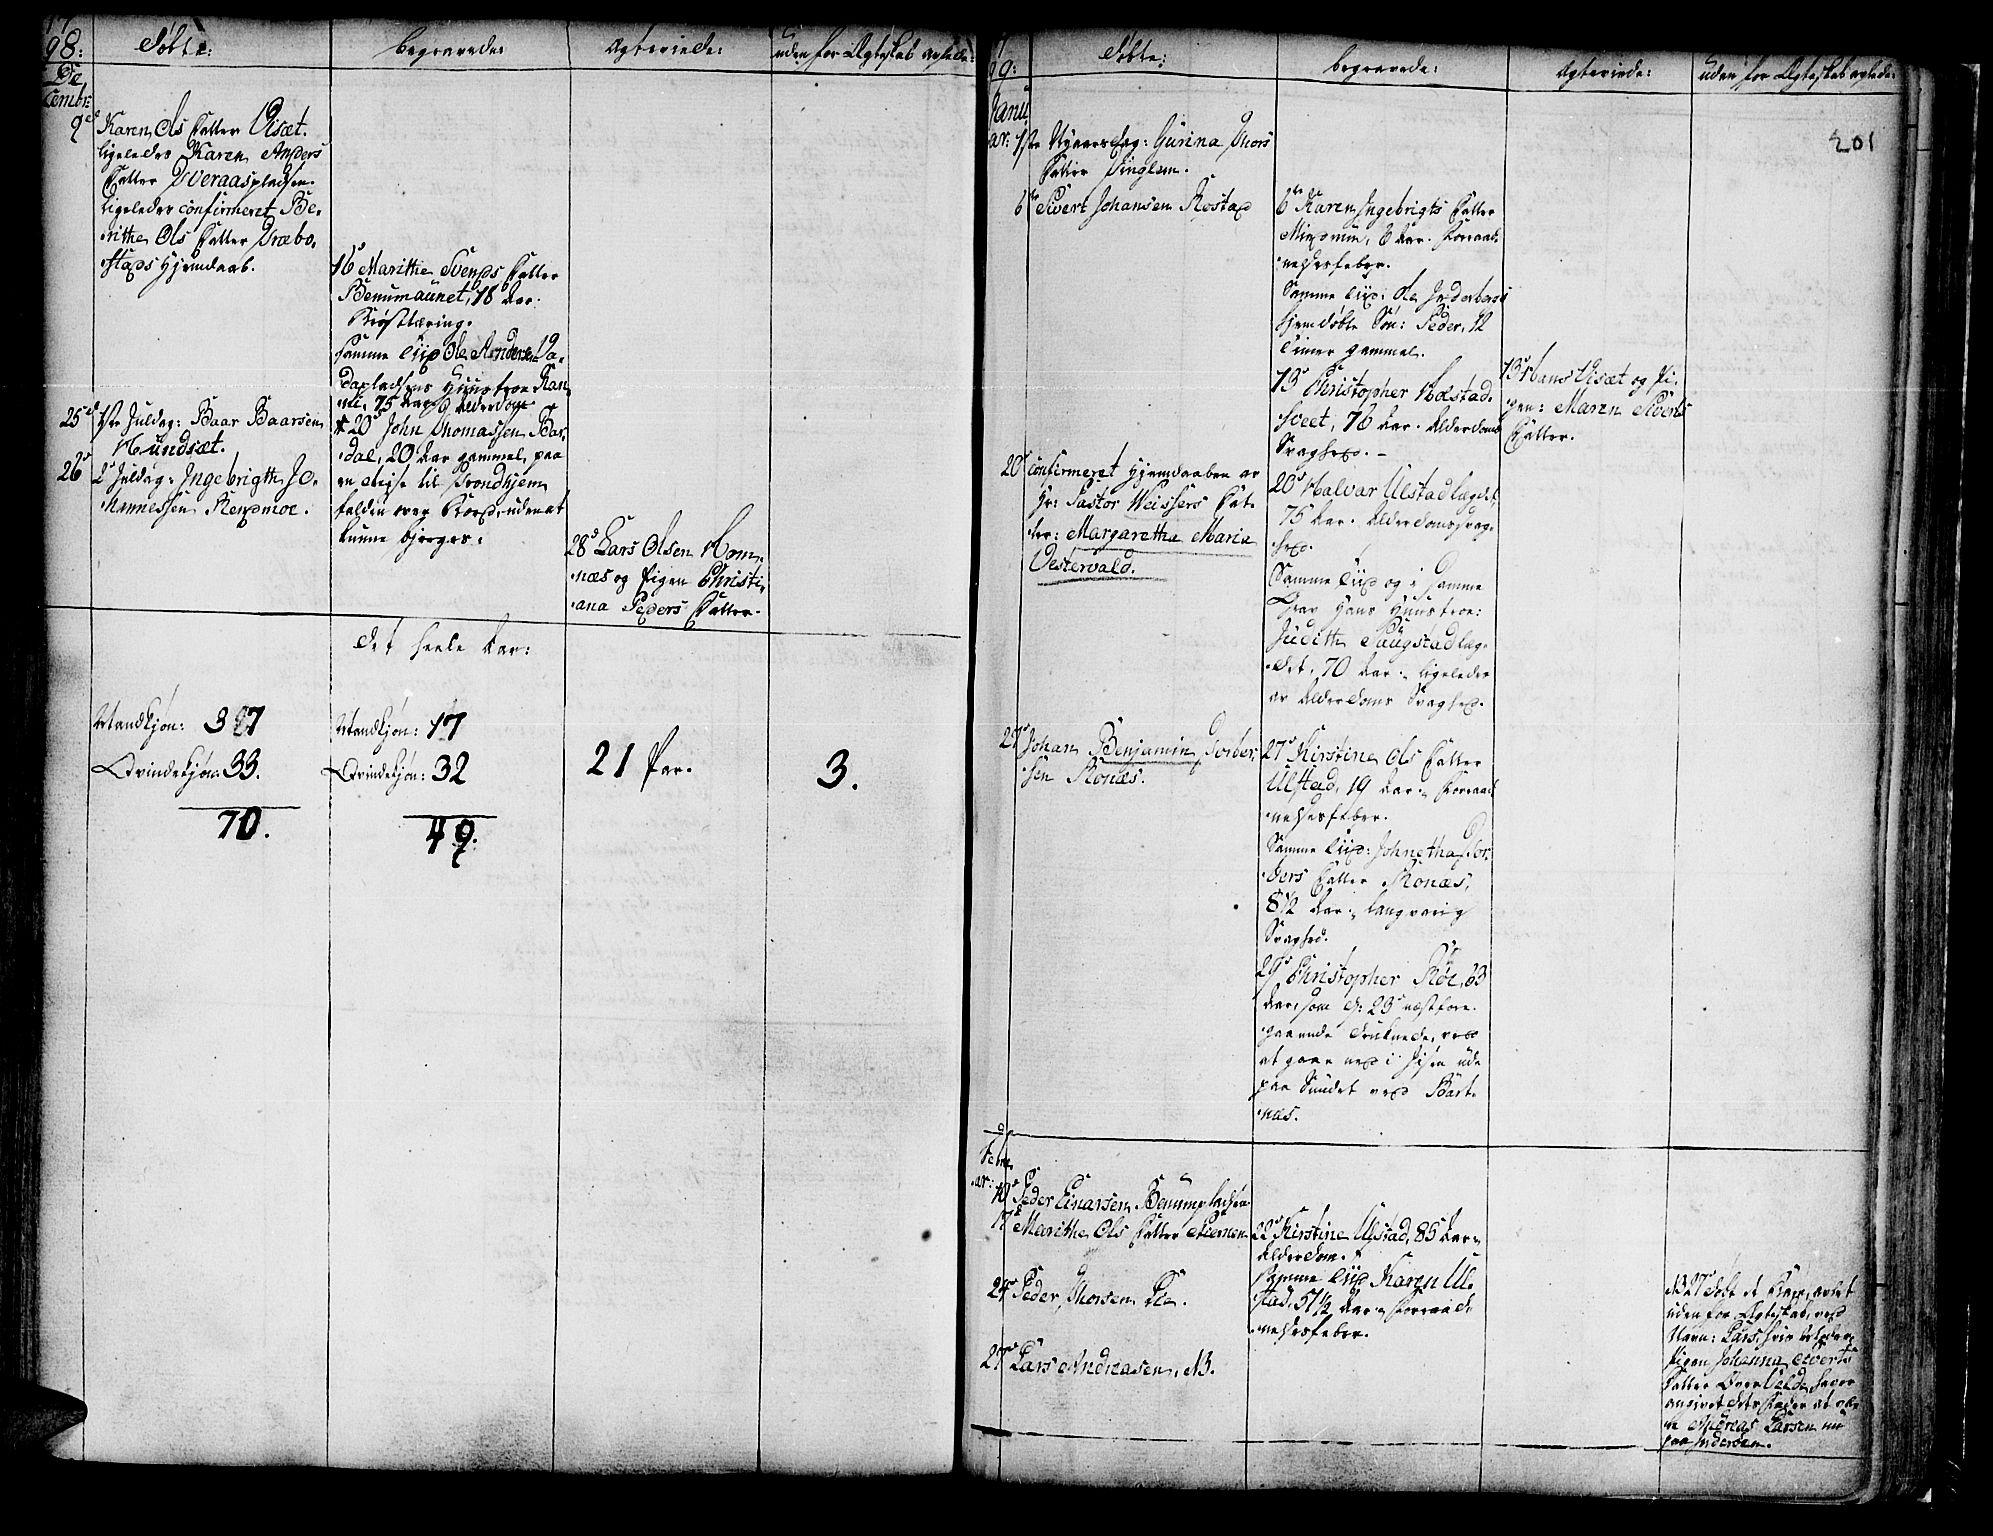 SAT, Ministerialprotokoller, klokkerbøker og fødselsregistre - Nord-Trøndelag, 741/L0385: Ministerialbok nr. 741A01, 1722-1815, s. 201